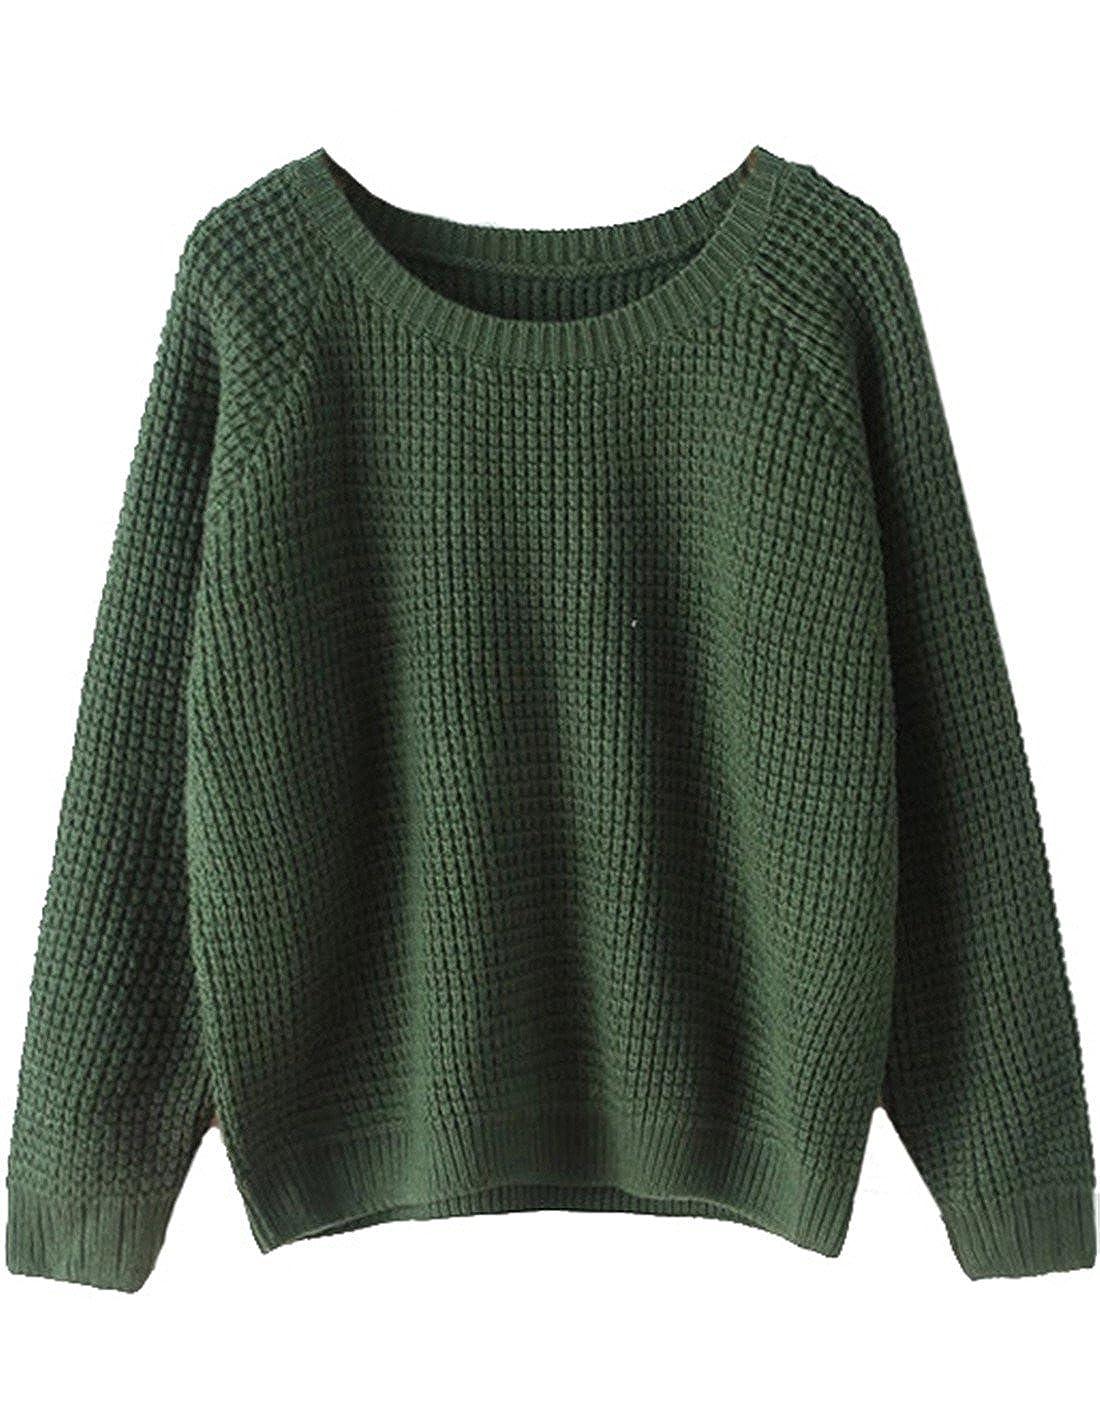 Sheinside® femeninos-Over-Sudadera de manga larga con cuello redondo, color verde green: Amazon.es: Ropa y accesorios